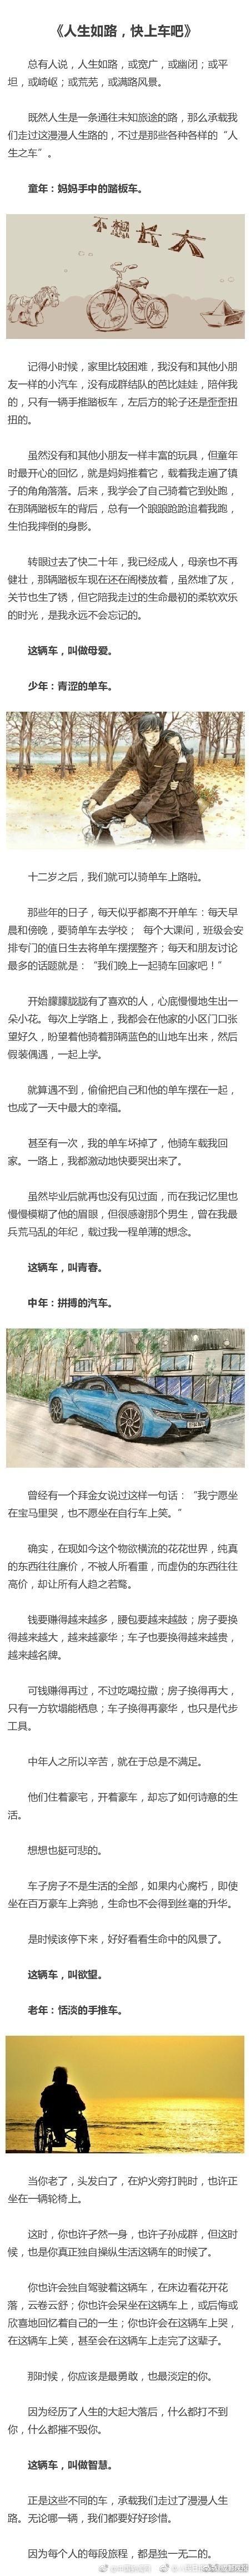 """网传""""2017第一篇高考满分作文""""出炉官方辟谣"""